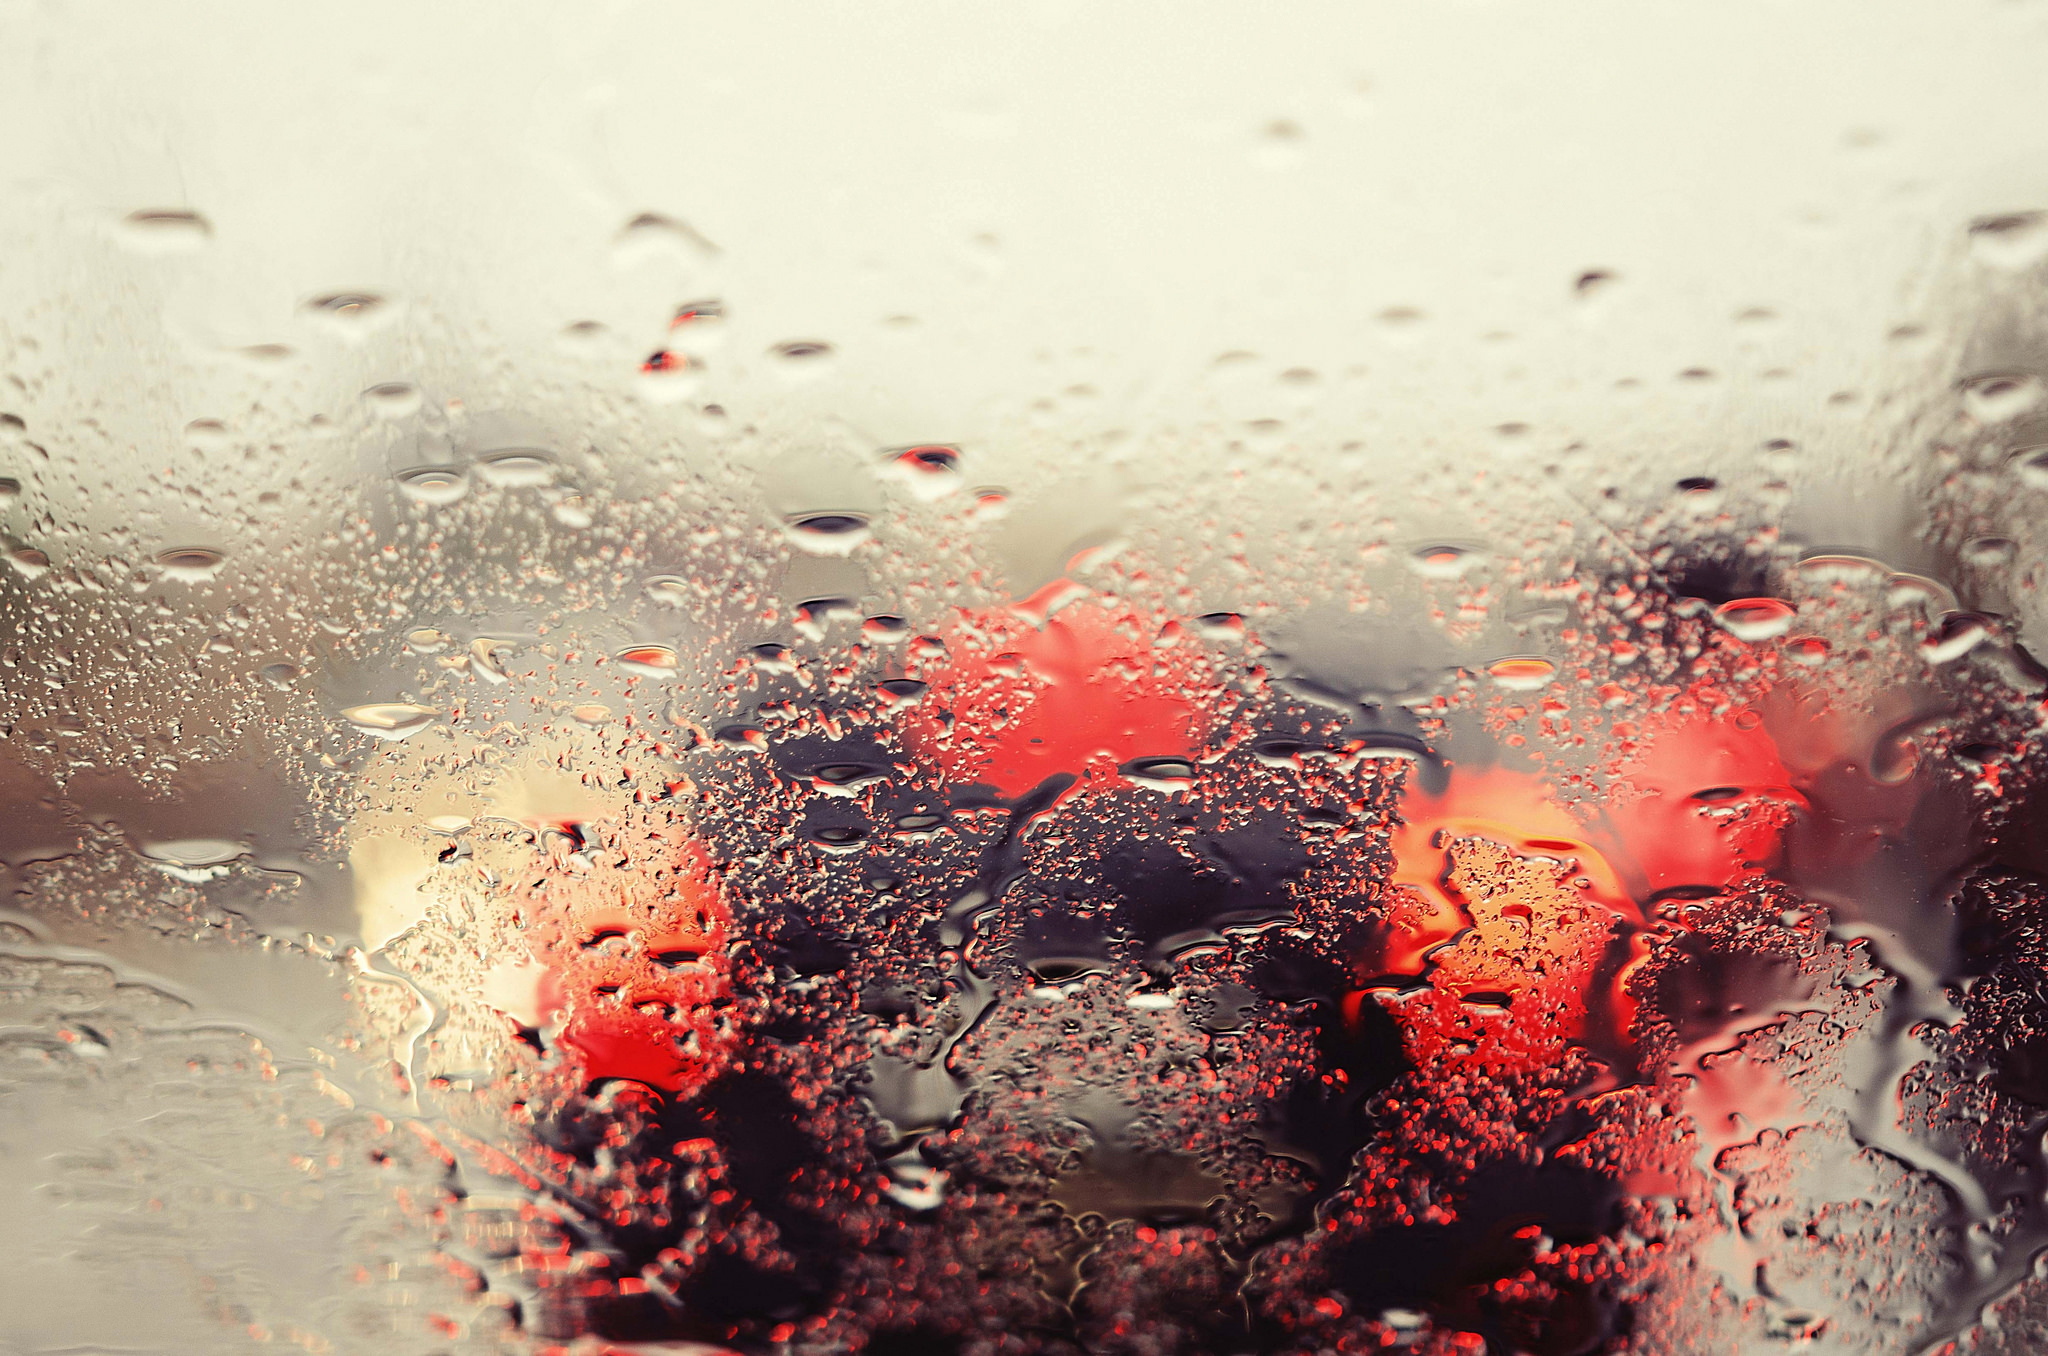 макро,стекло,вода,свет  № 1192819 без смс